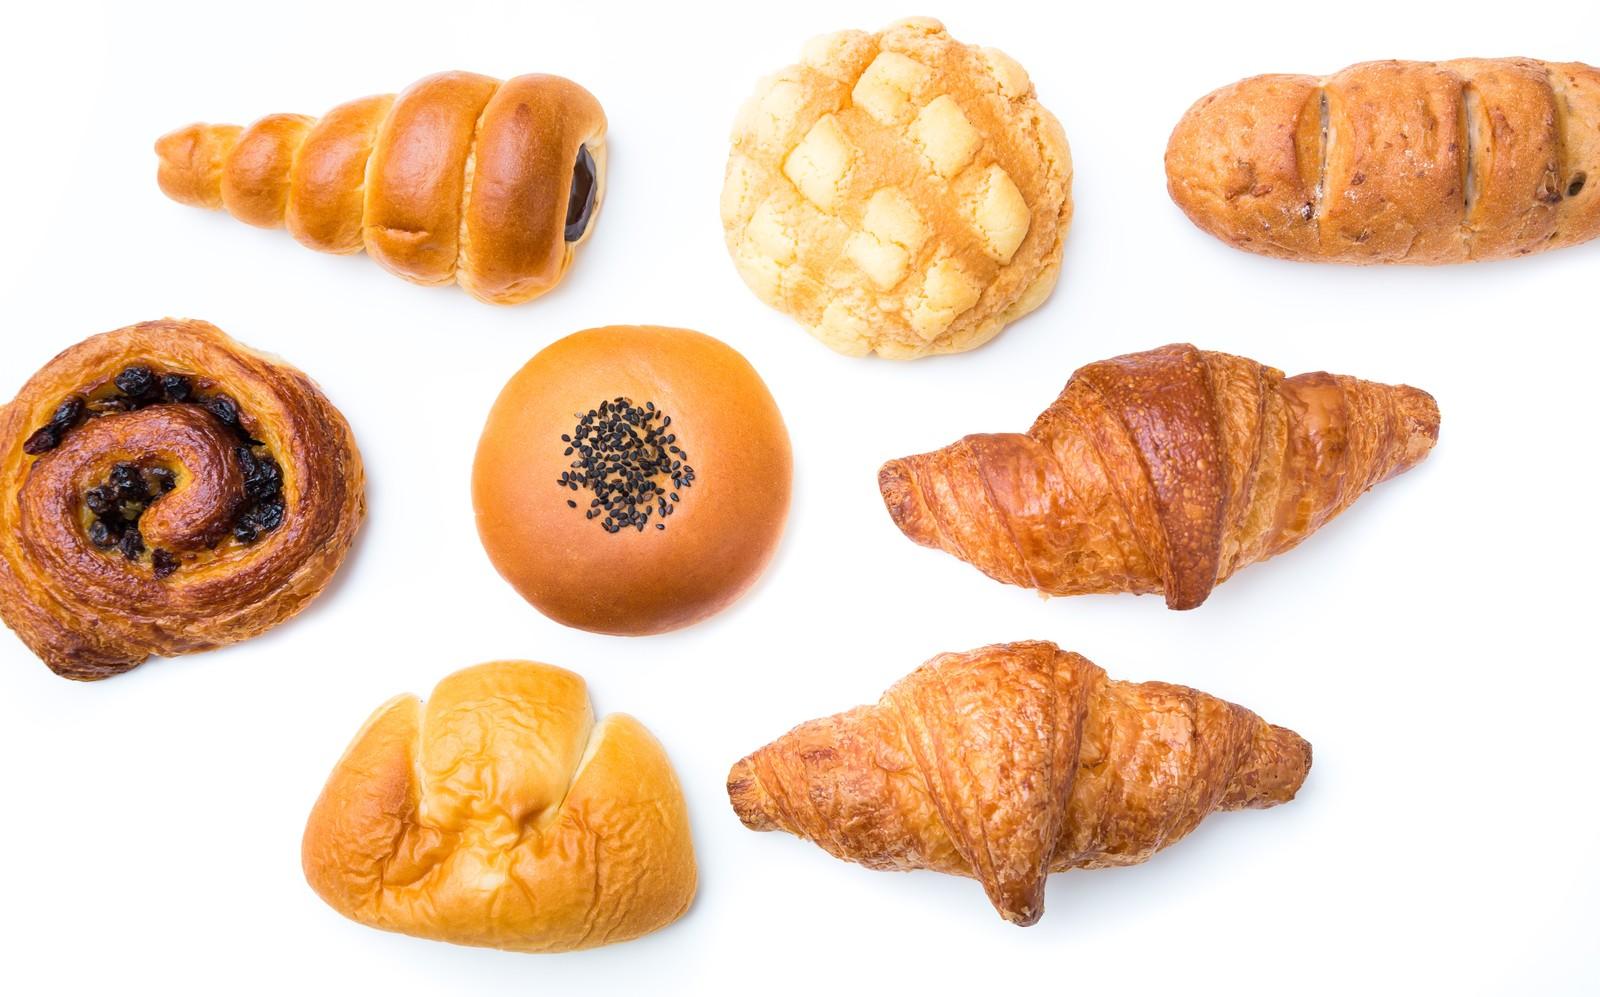 ようかんパンを北海道のパン屋さんで買おう!人気のご当地パンは種類も豊富!